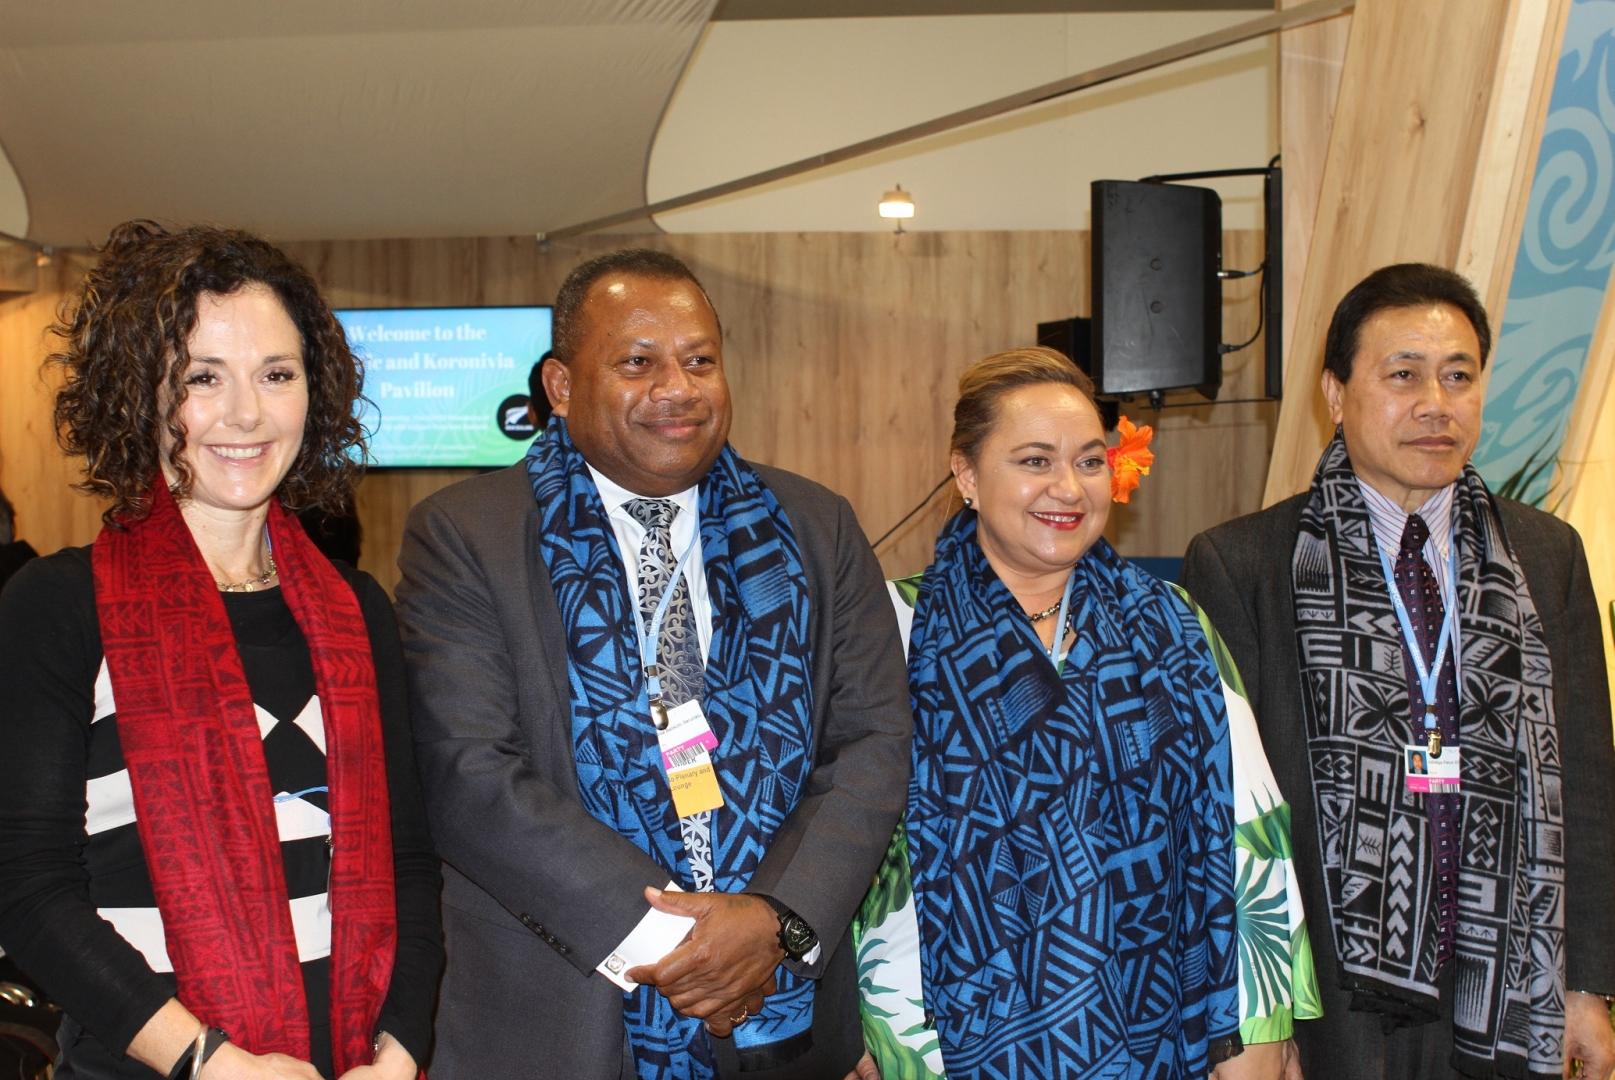 Ms Anna Broadhurst, Hon. Inia Seruiratu, Ms Tagaloa Cooper-Halo and Ambassador Feturi Elisaia